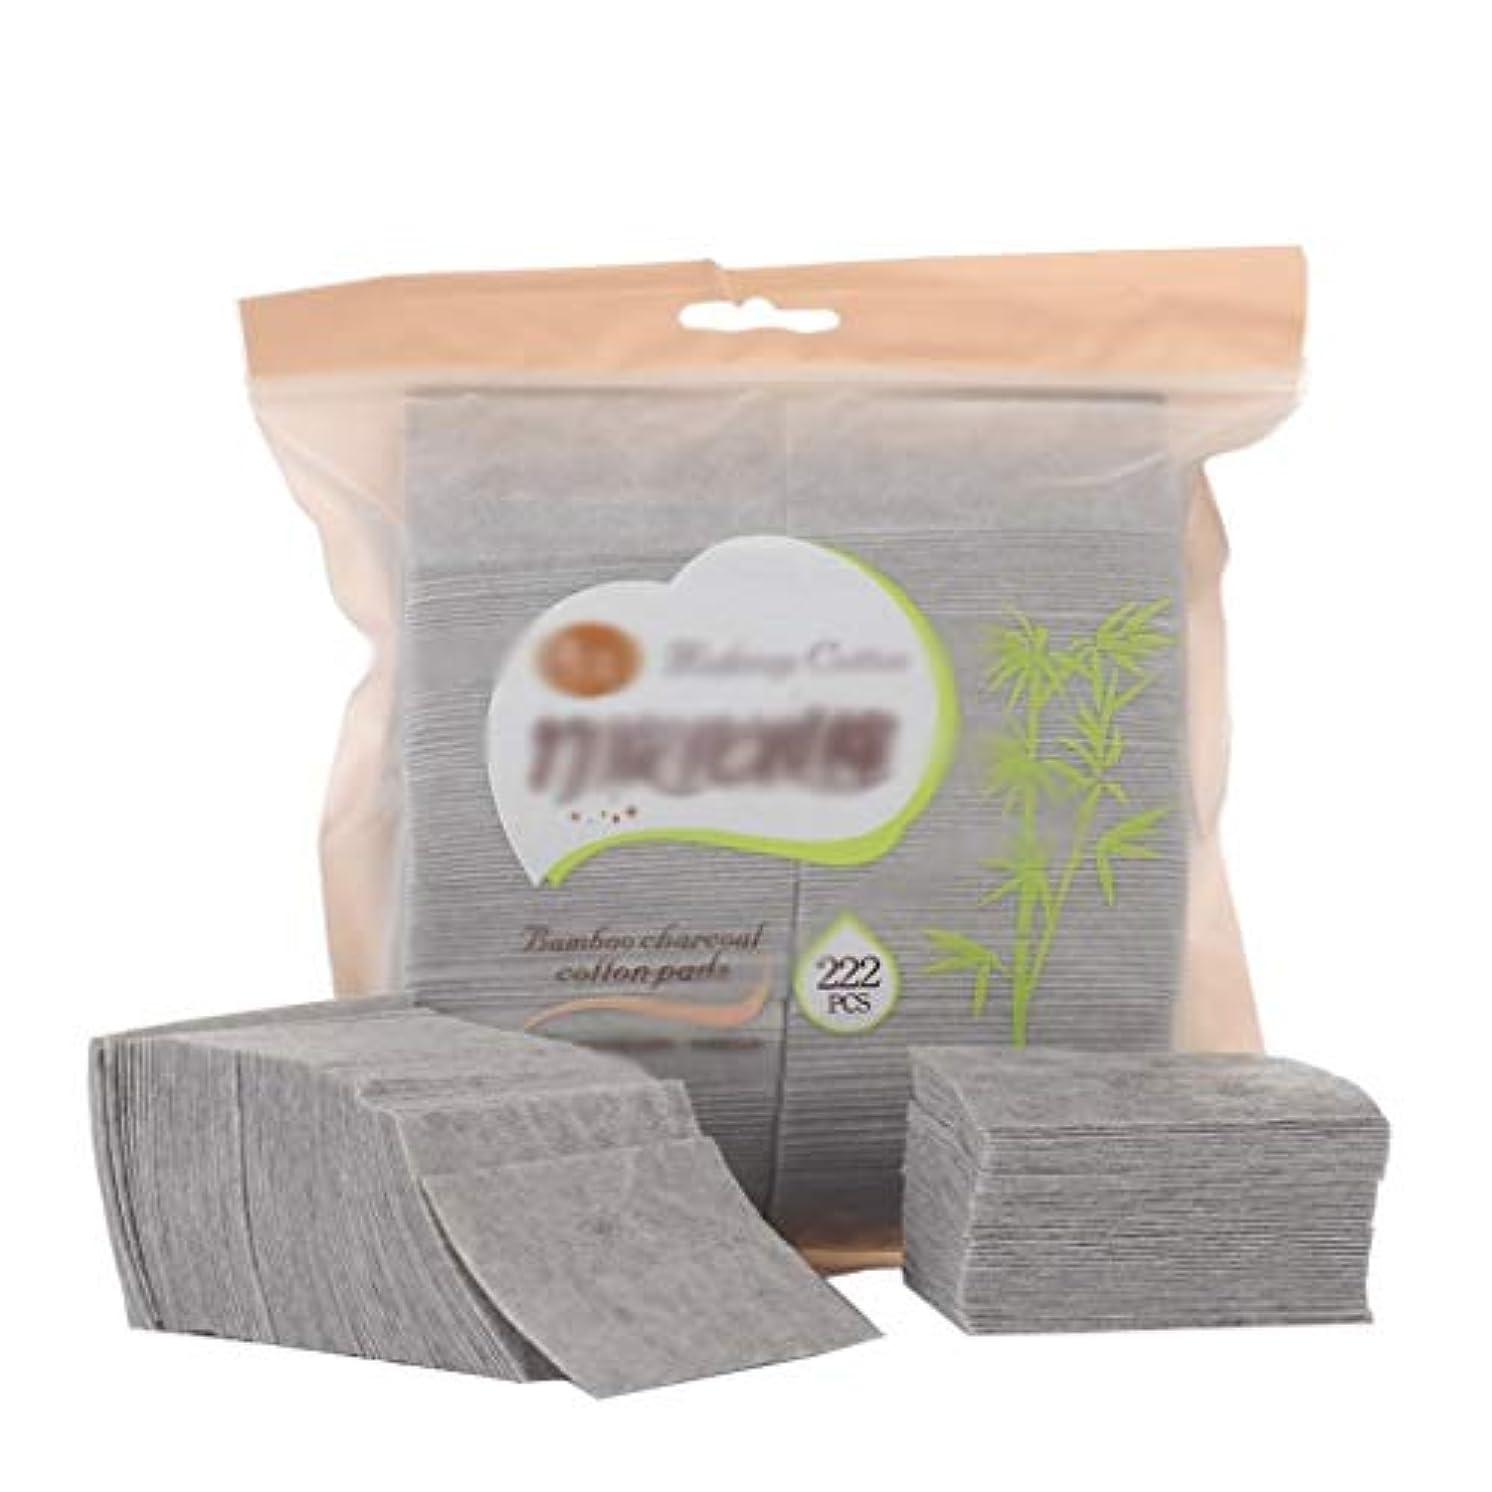 流す即席批判的クレンジングシート 222ピース箱入り竹炭化粧コットンパッド両面使い捨て洗顔コットンポータブルメイクアップコットンピース (Color : Gray, サイズ : 5*7cm)